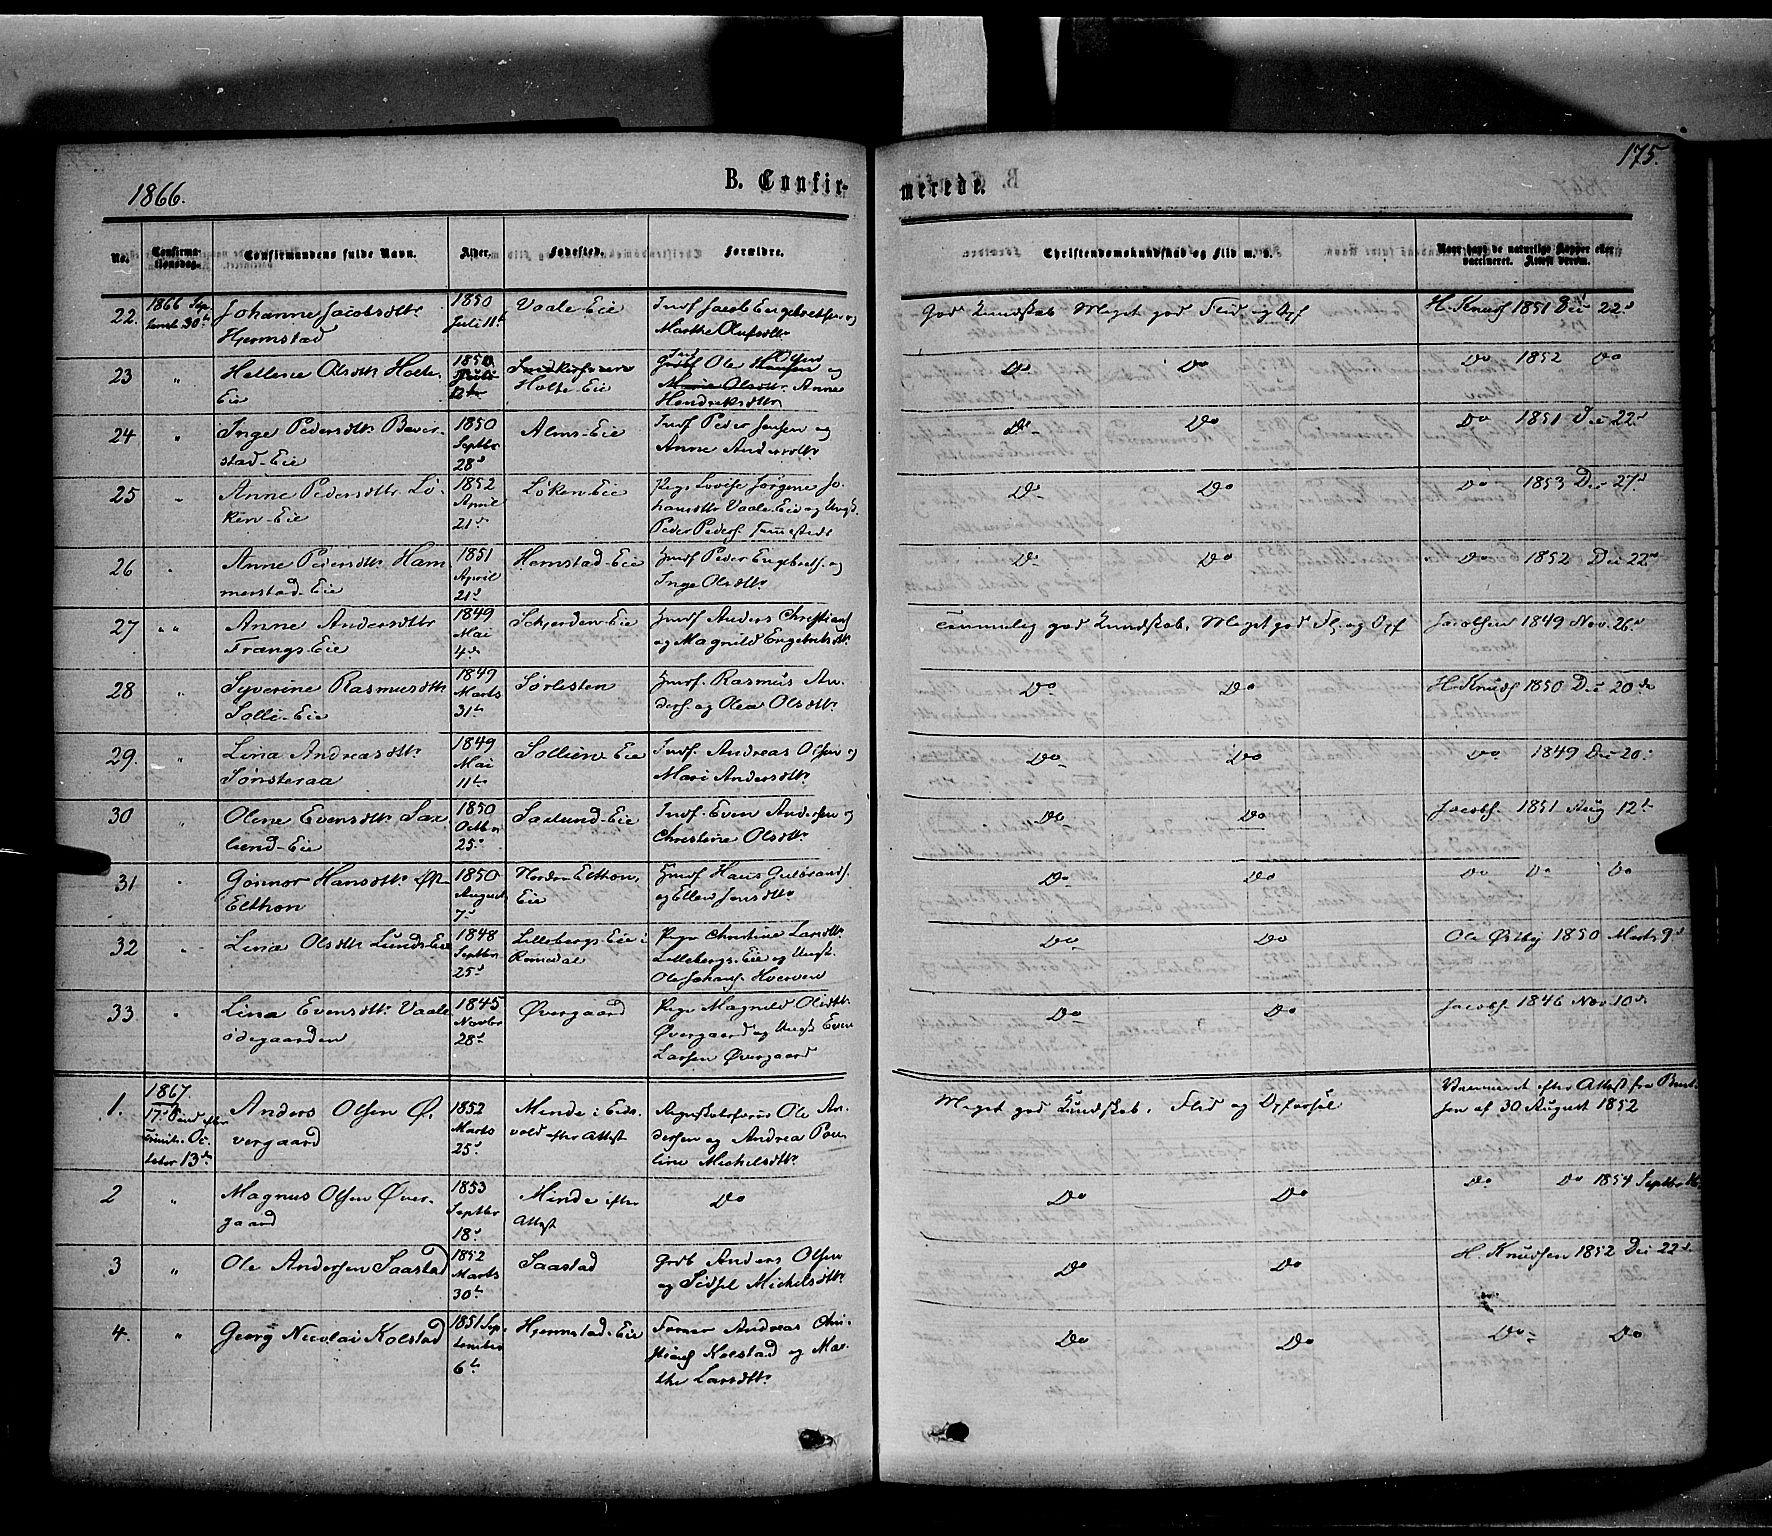 SAH, Stange prestekontor, K/L0013: Parish register (official) no. 13, 1862-1879, p. 175